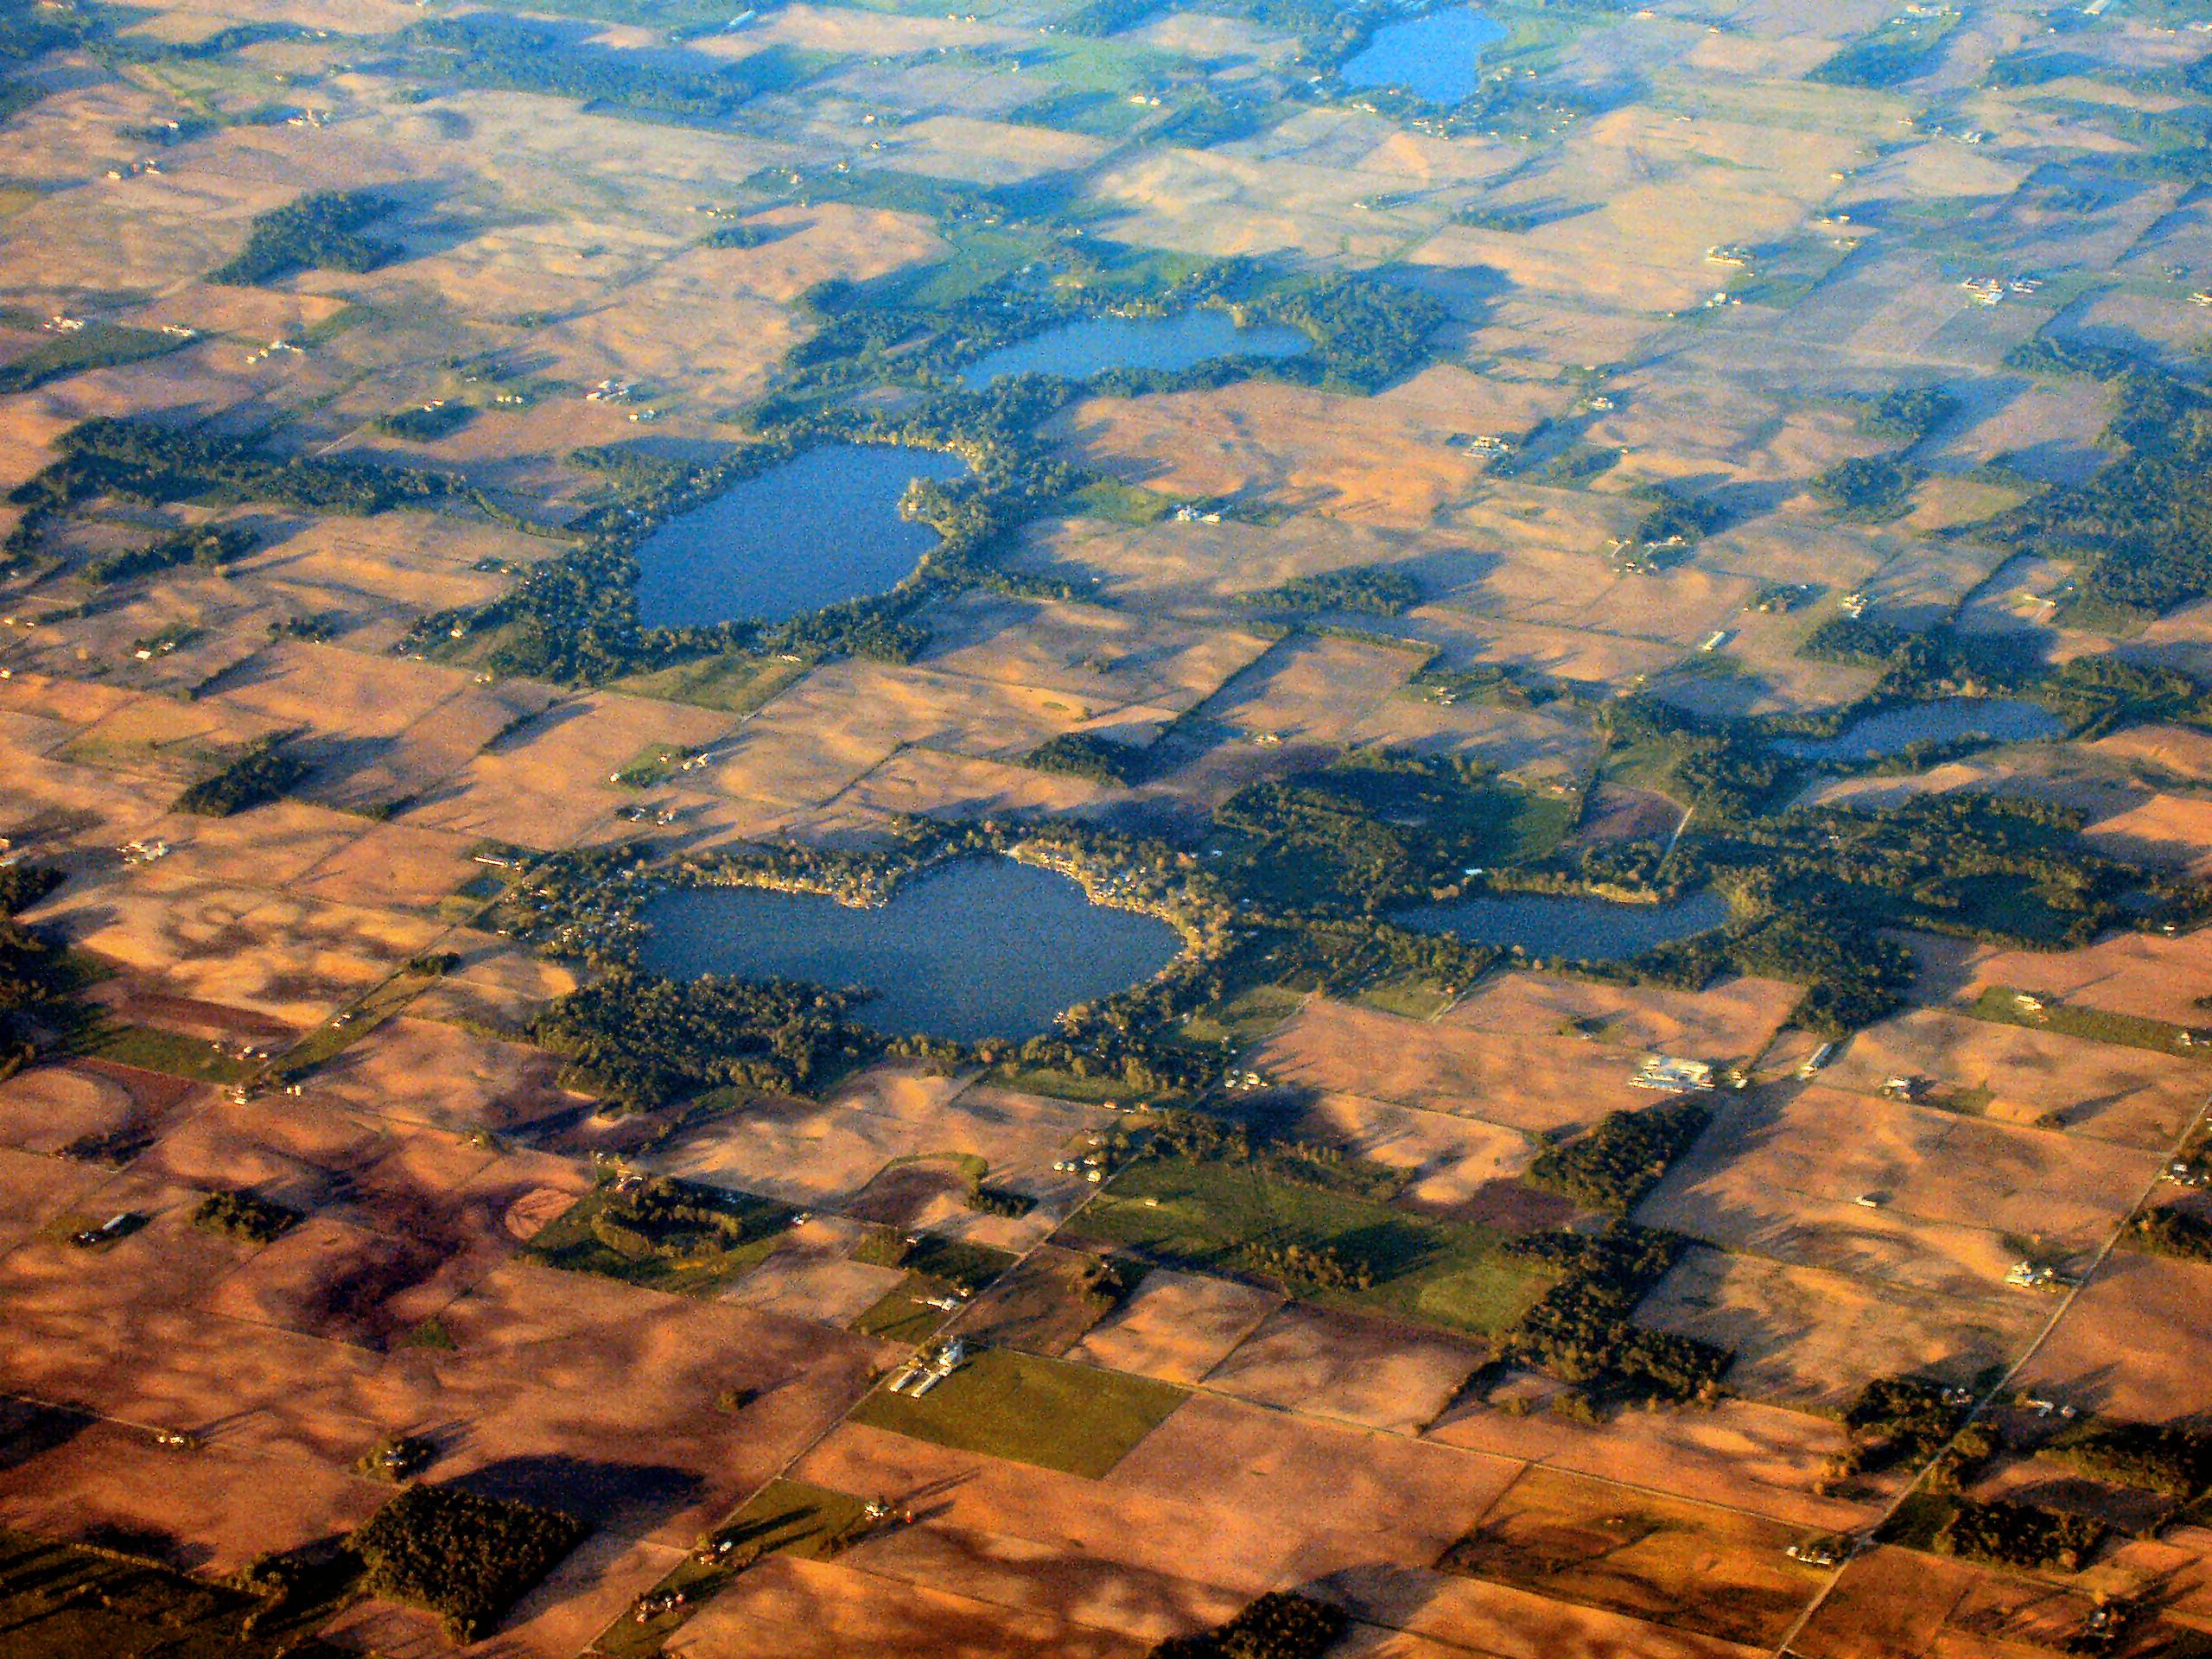 Indiana kosciusko county syracuse - Kosciusko County Indiana